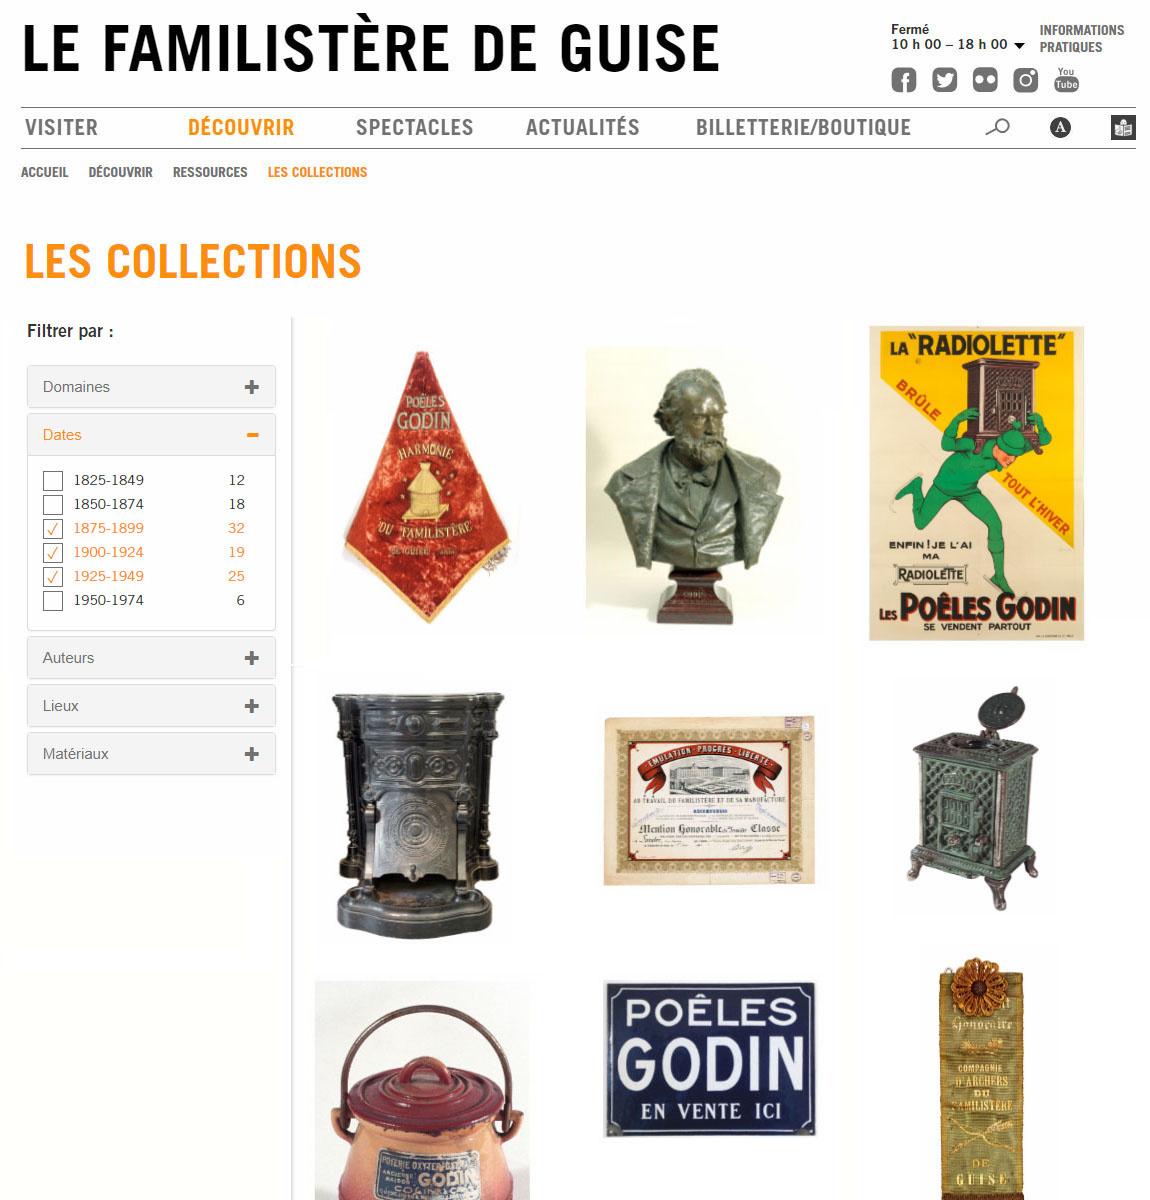 La page d'accueil des Collections sur le site internet du Familistère présente u